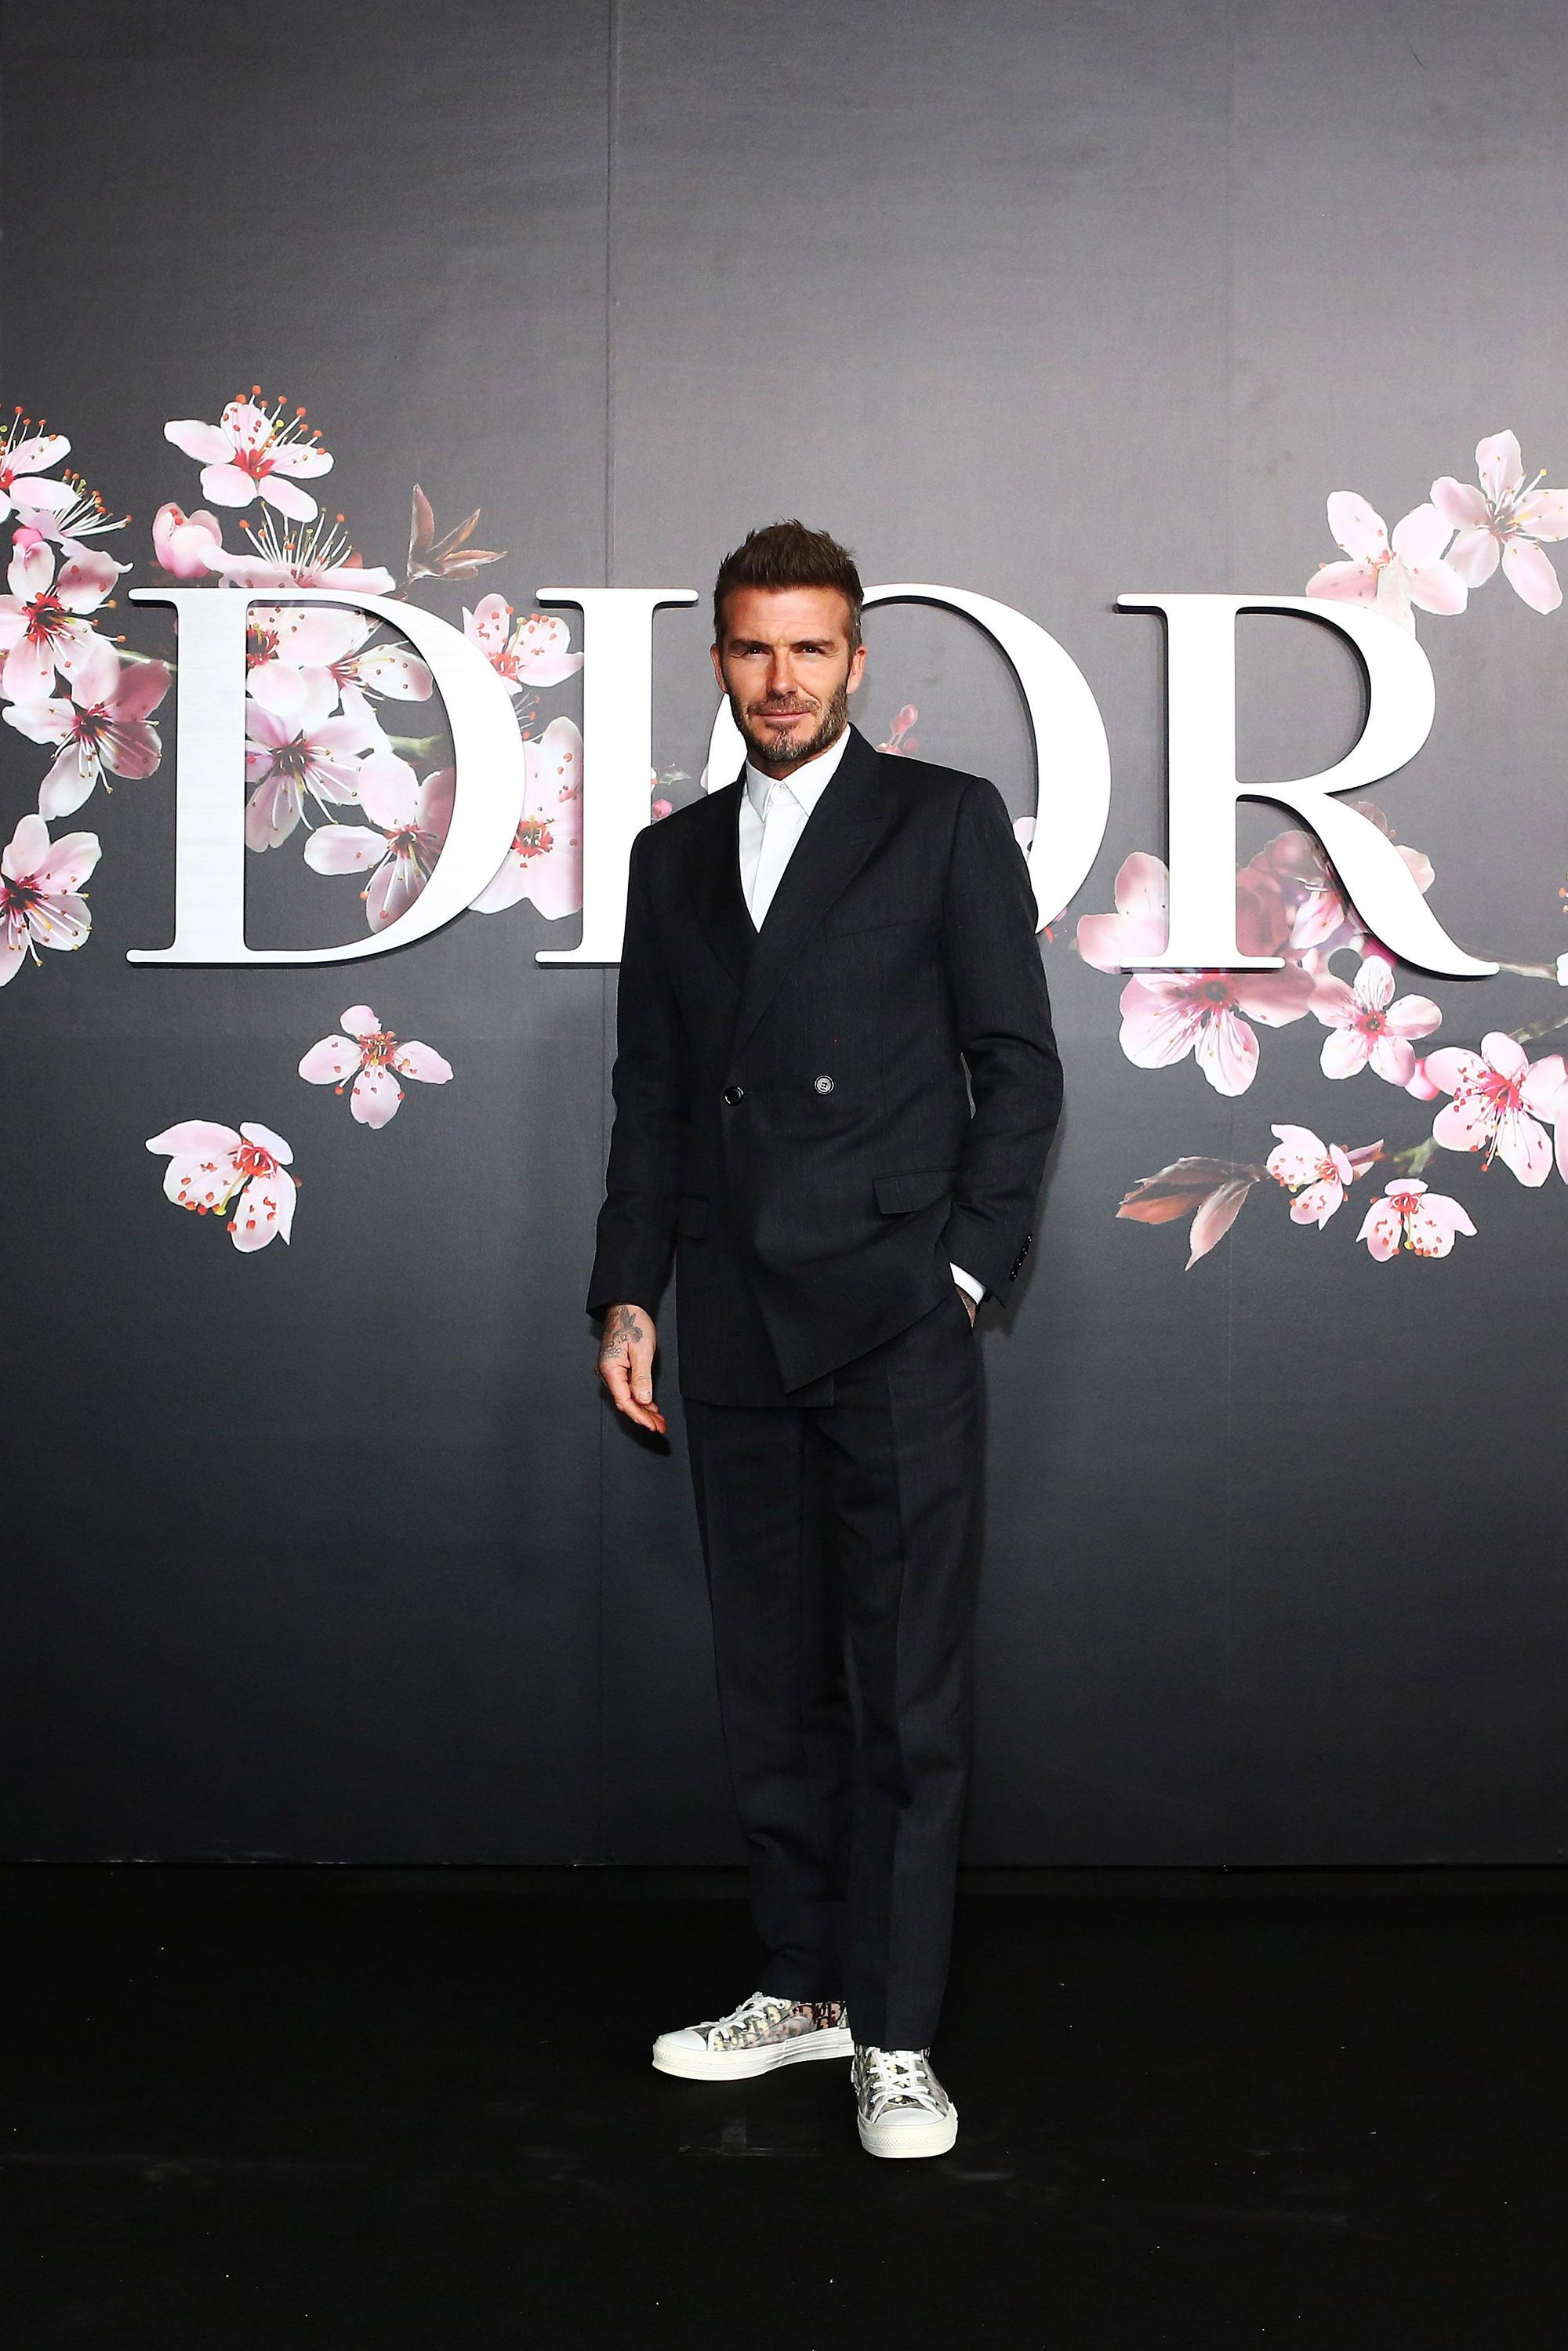 Giữa lúc thương hiệu của vợ làm ăn khó khăn, David Beckham chiếm trọn spotlight với bộ suit bóng bẩy chất chơi như trai tân - Ảnh 7.